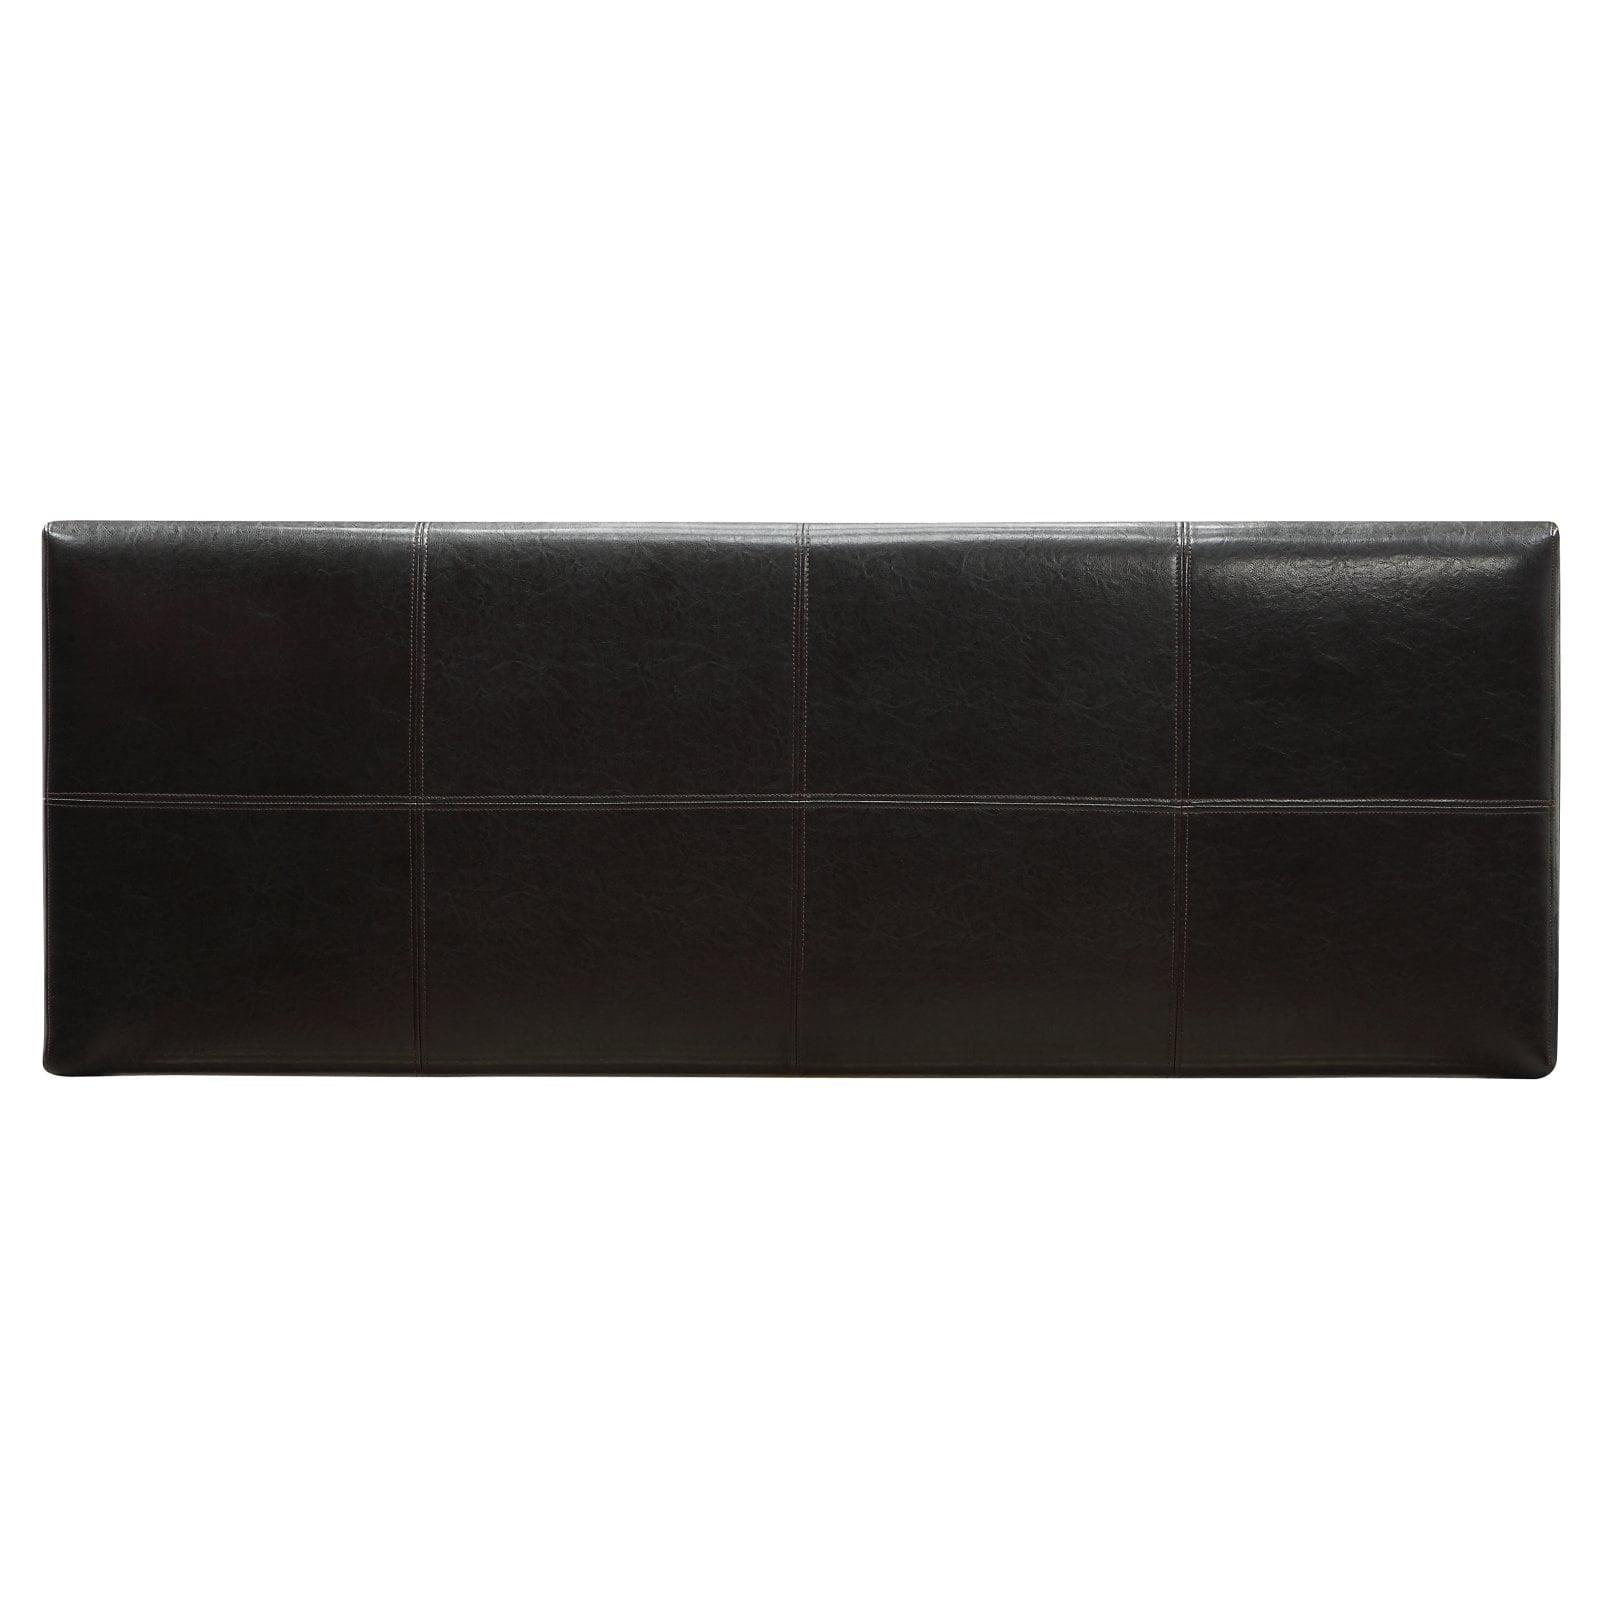 Modus Ledge Upholstered Platform Bed by Modus Furniture International